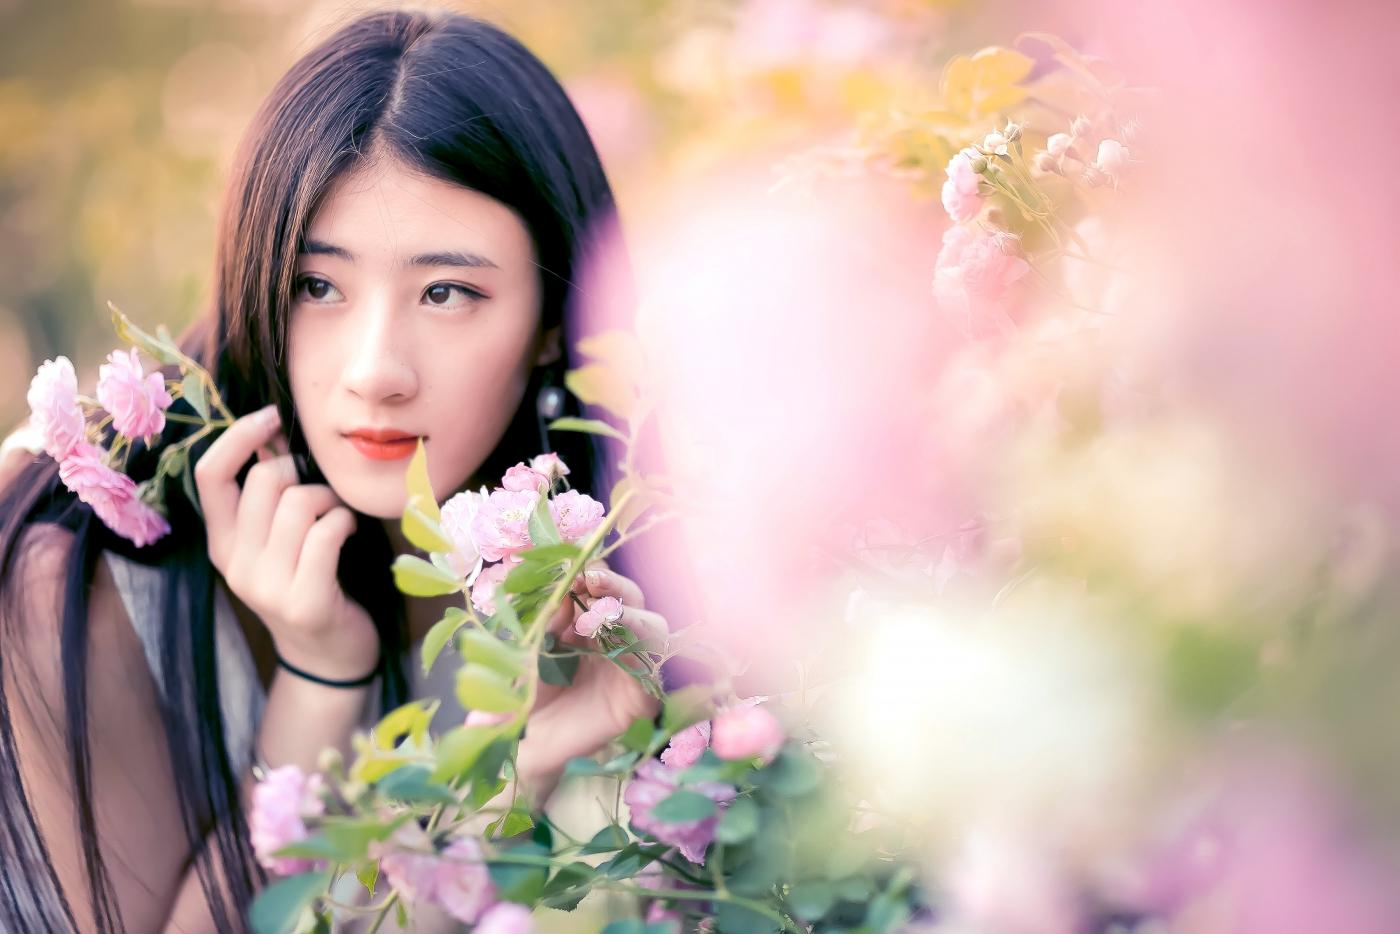 临沂大学有这么一道美丽的蔷薇长廊 当蔷薇MM王璐在她面前走过 ..._图1-21